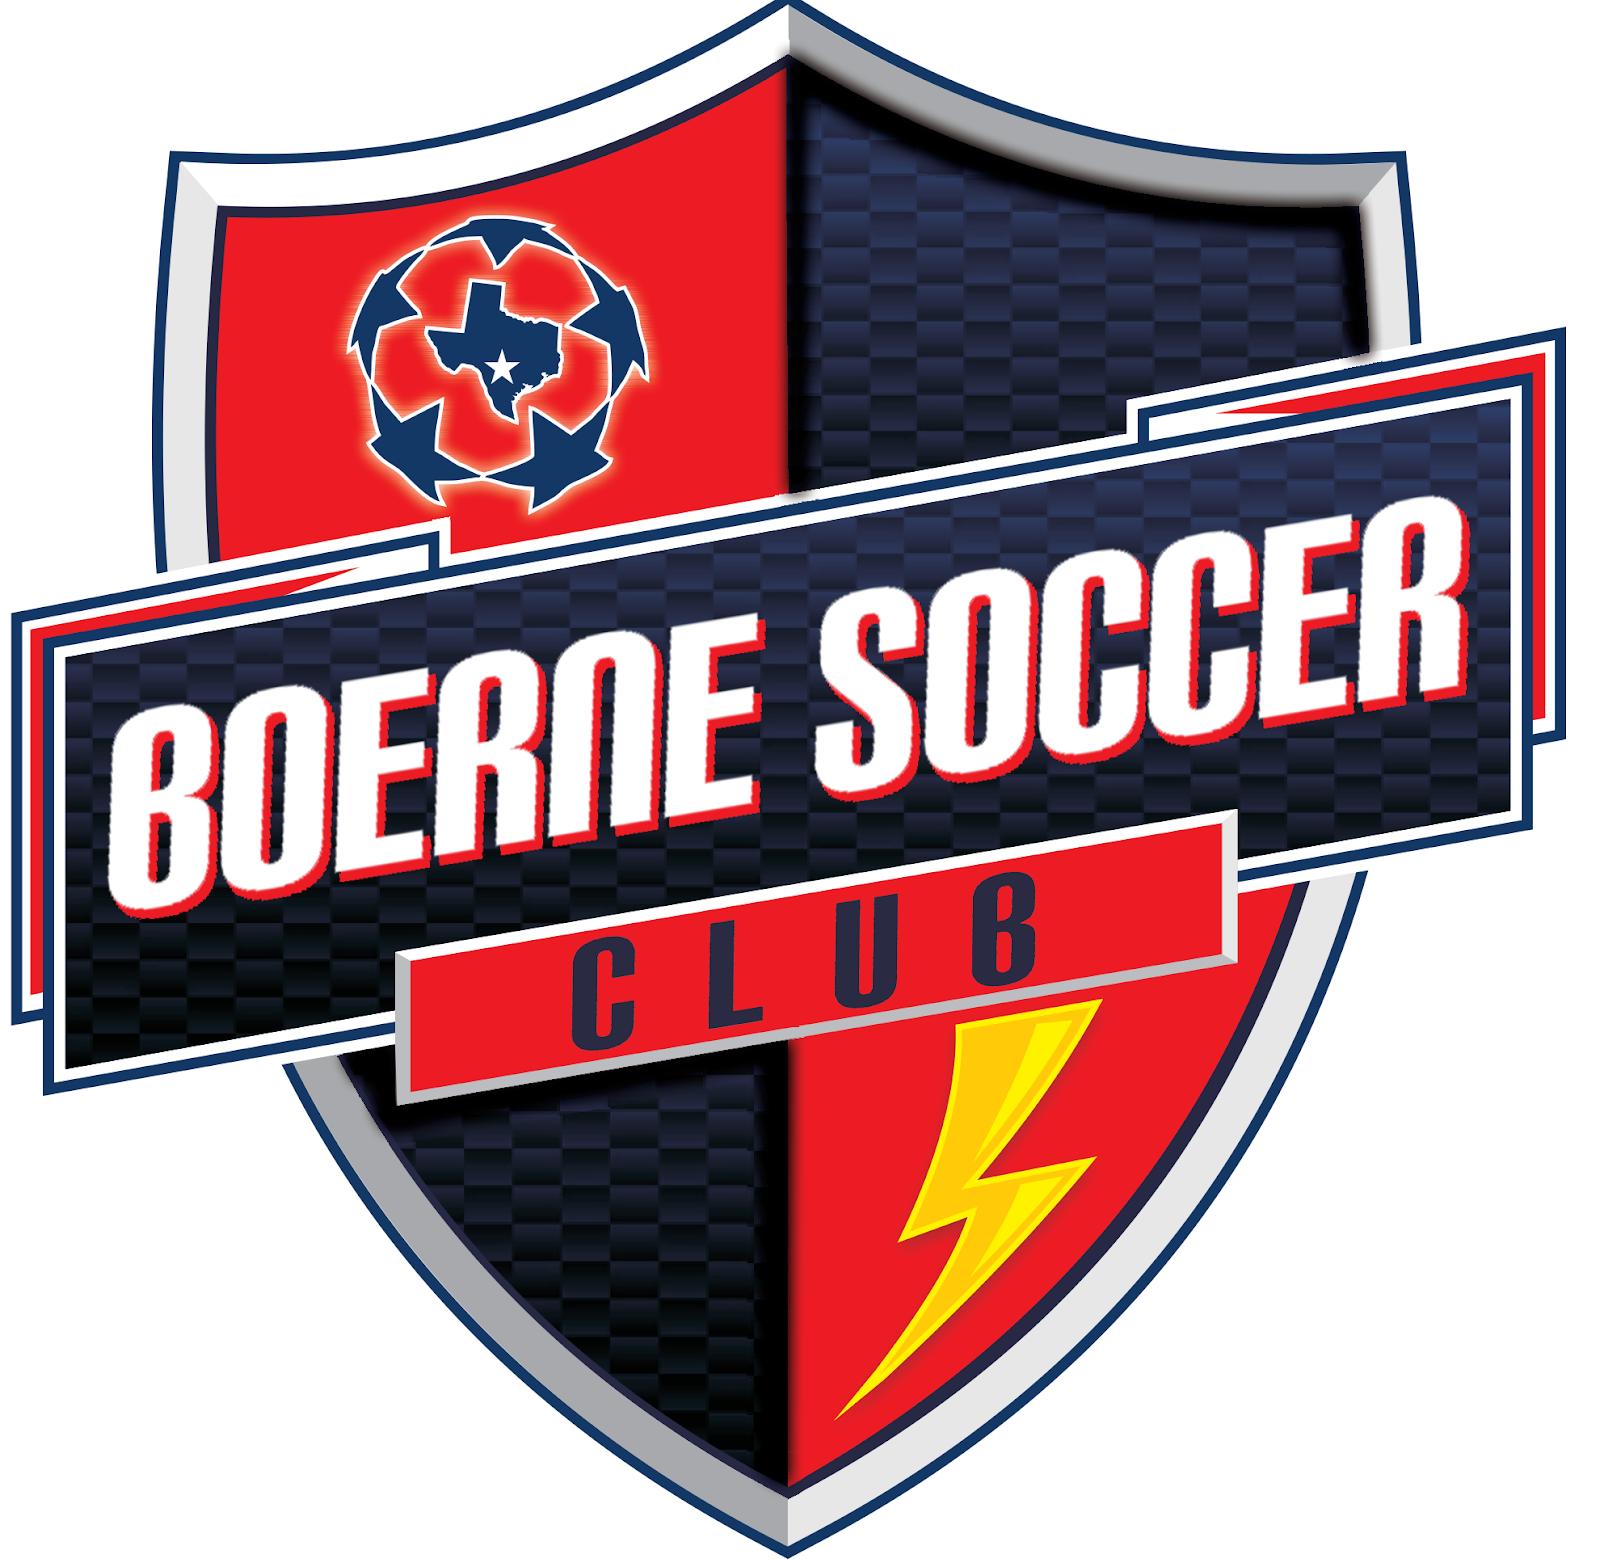 Boerne Soccer Club